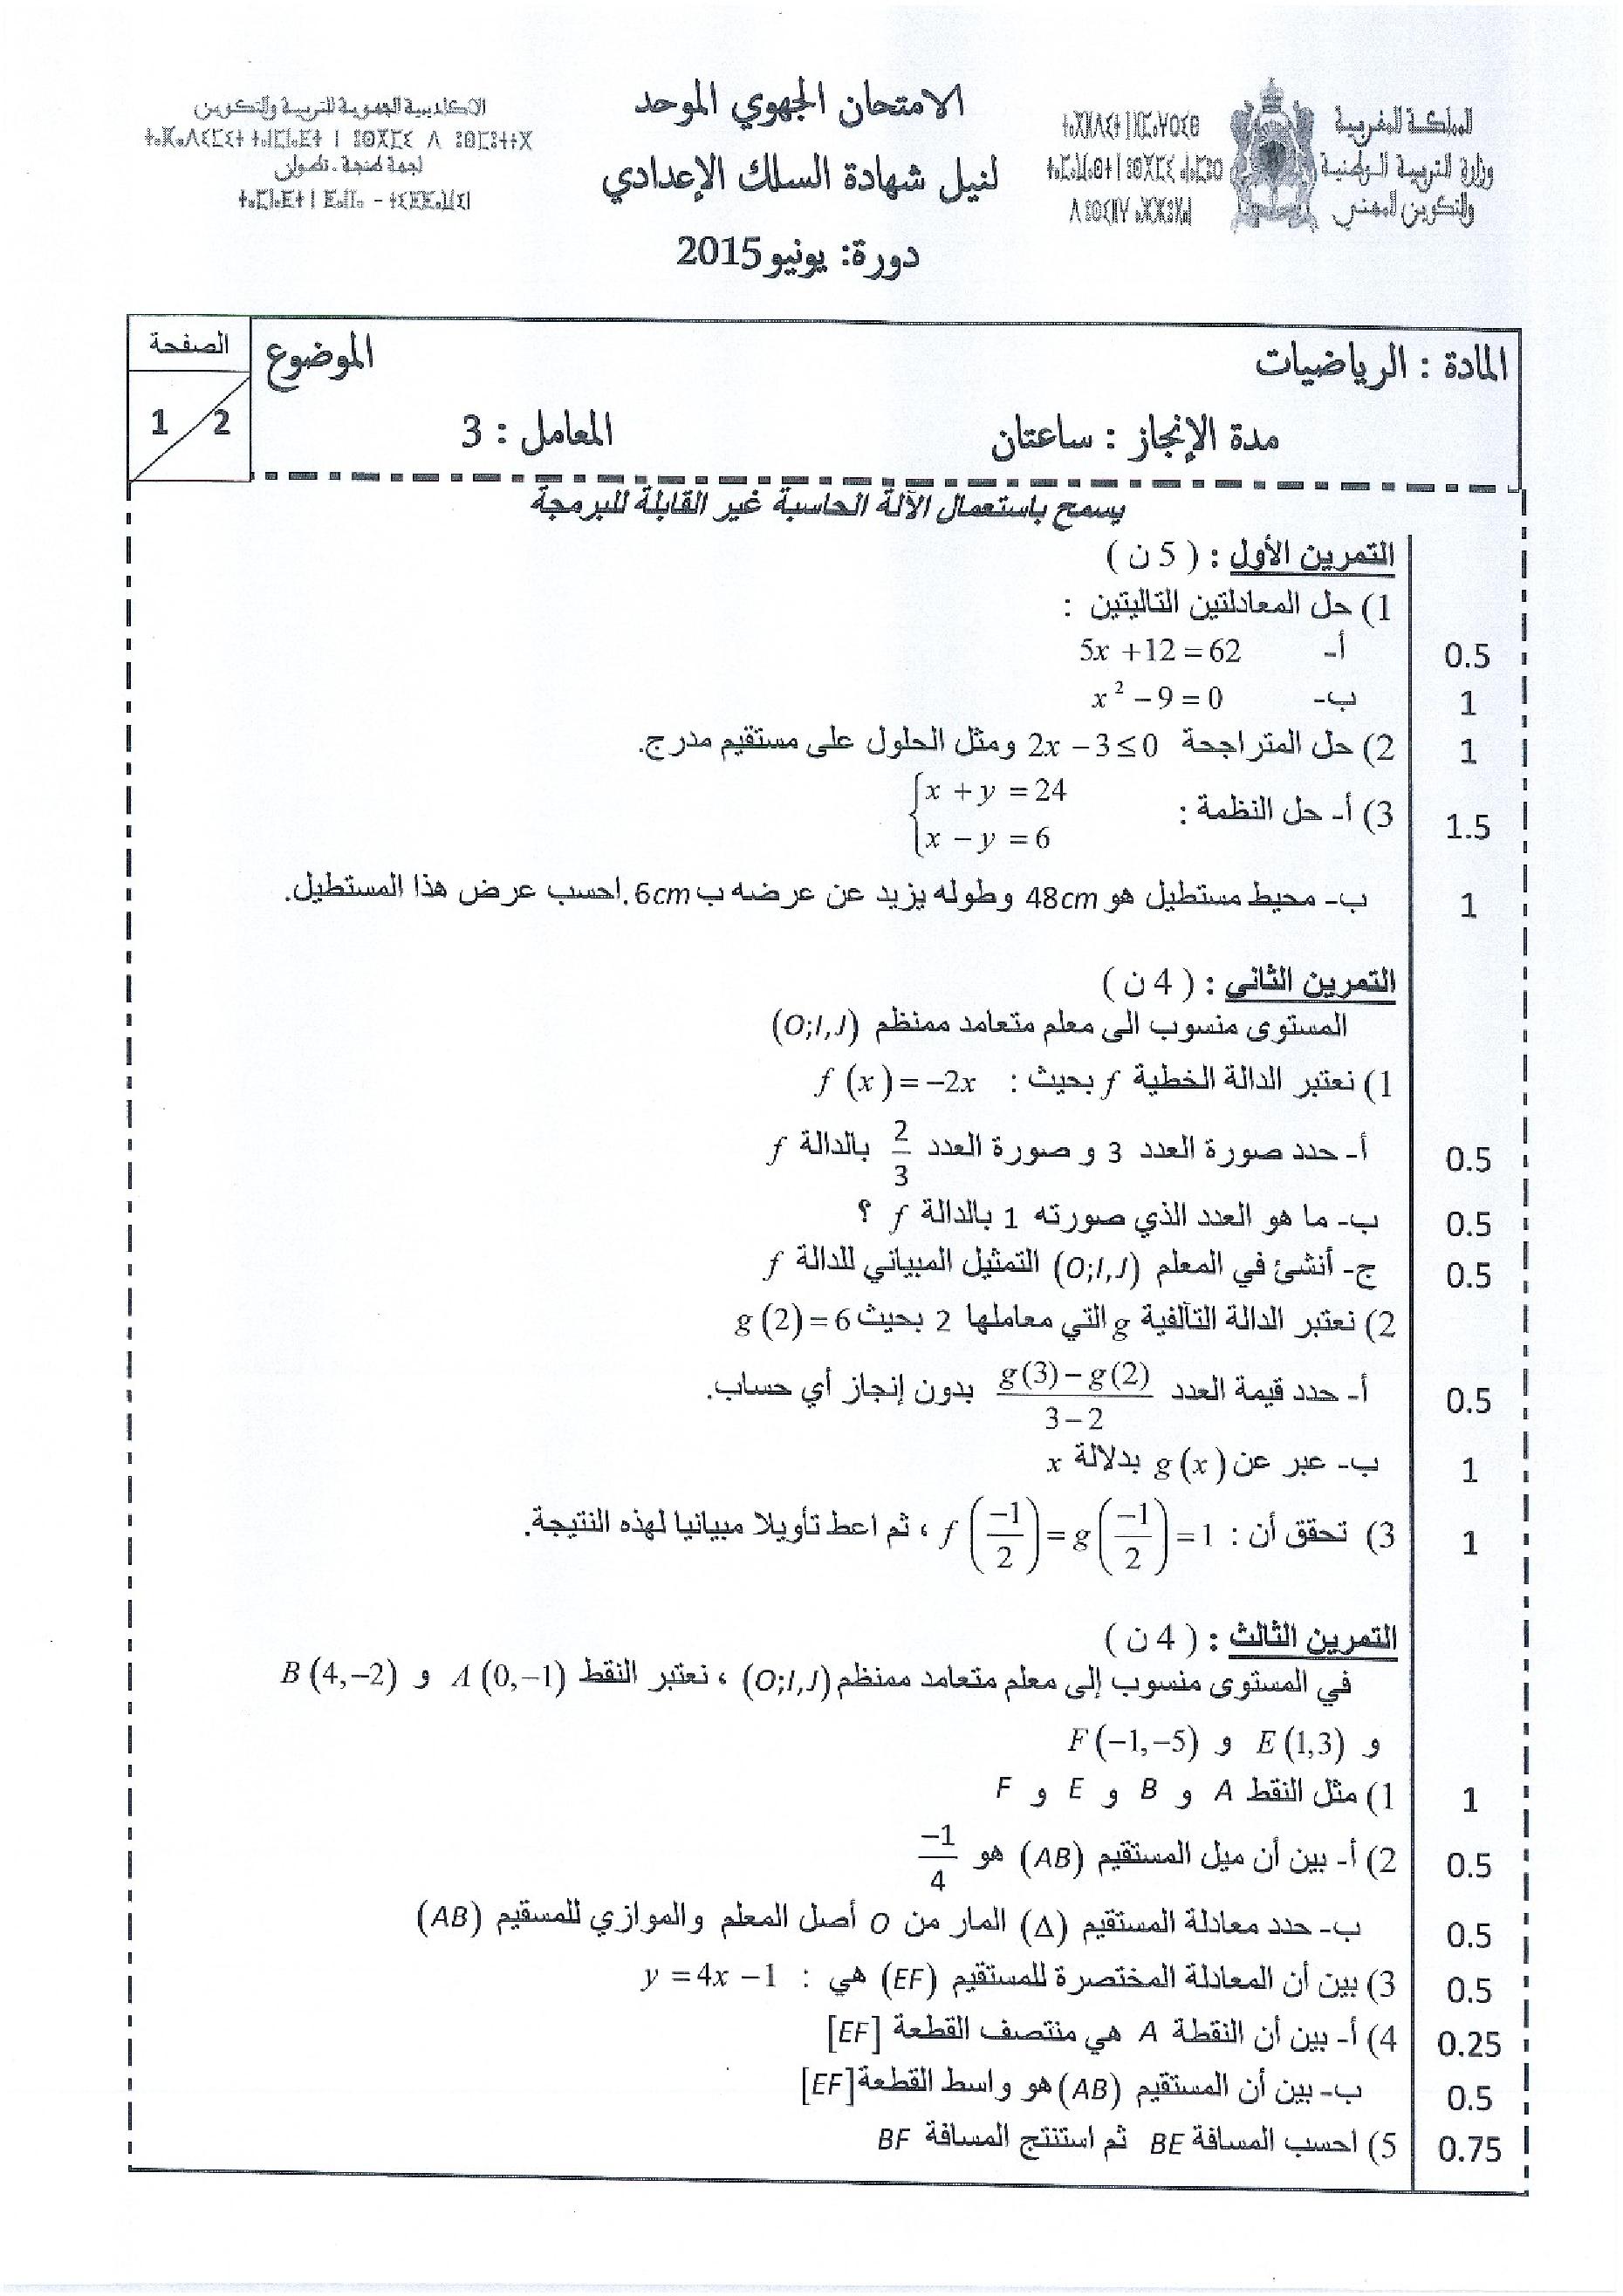 الامتحان الجهوي الموحد لجهة طنجة تطوان الحسيمة دورة يونيو 2015